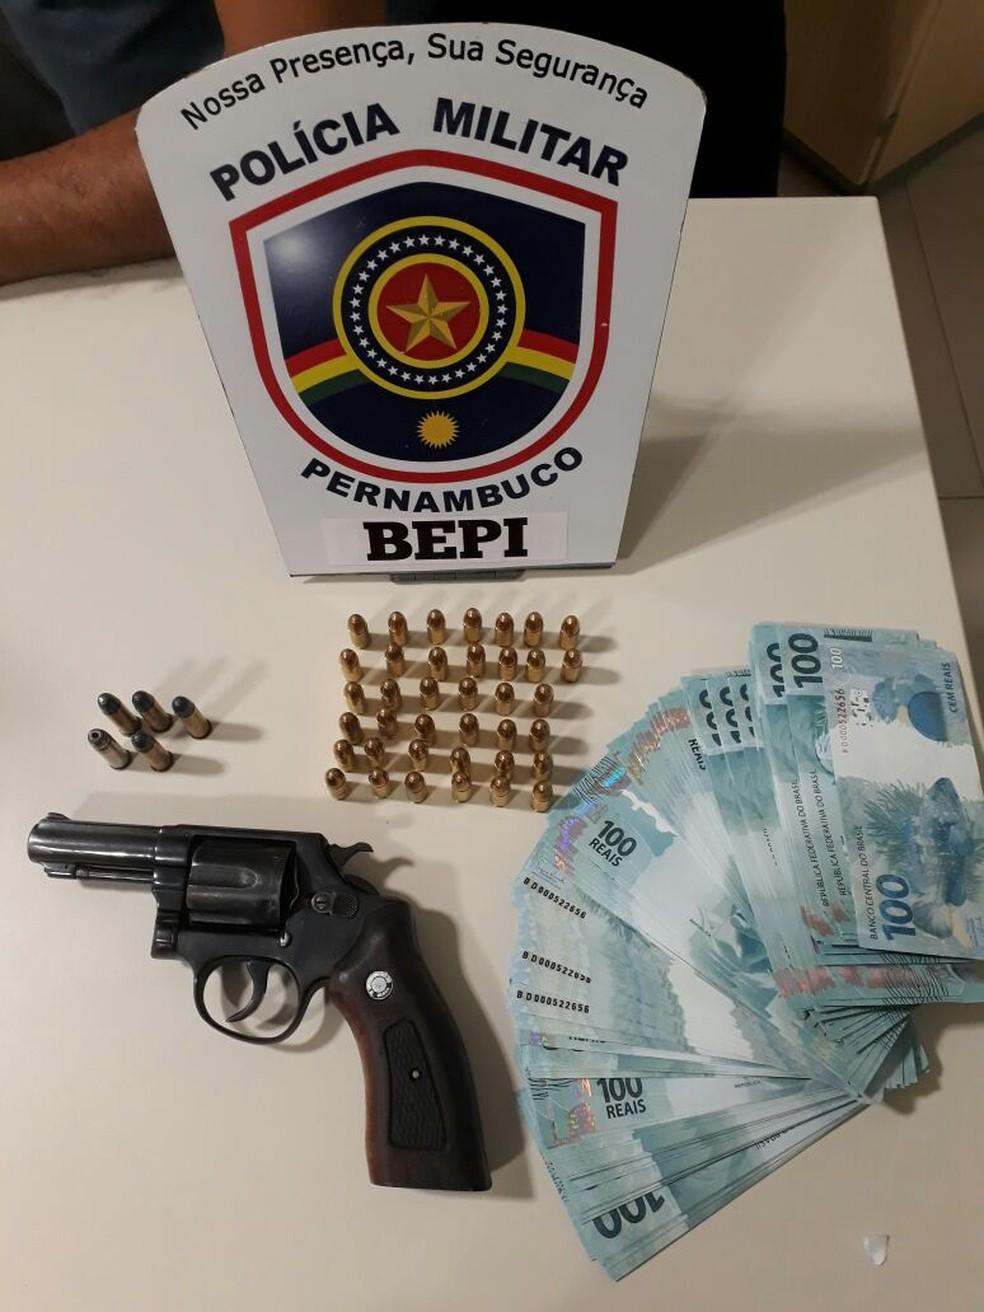 Arma e dinheiro foram apreendidos com o suspeito (Foto: Divulgação/Polícia Militar)